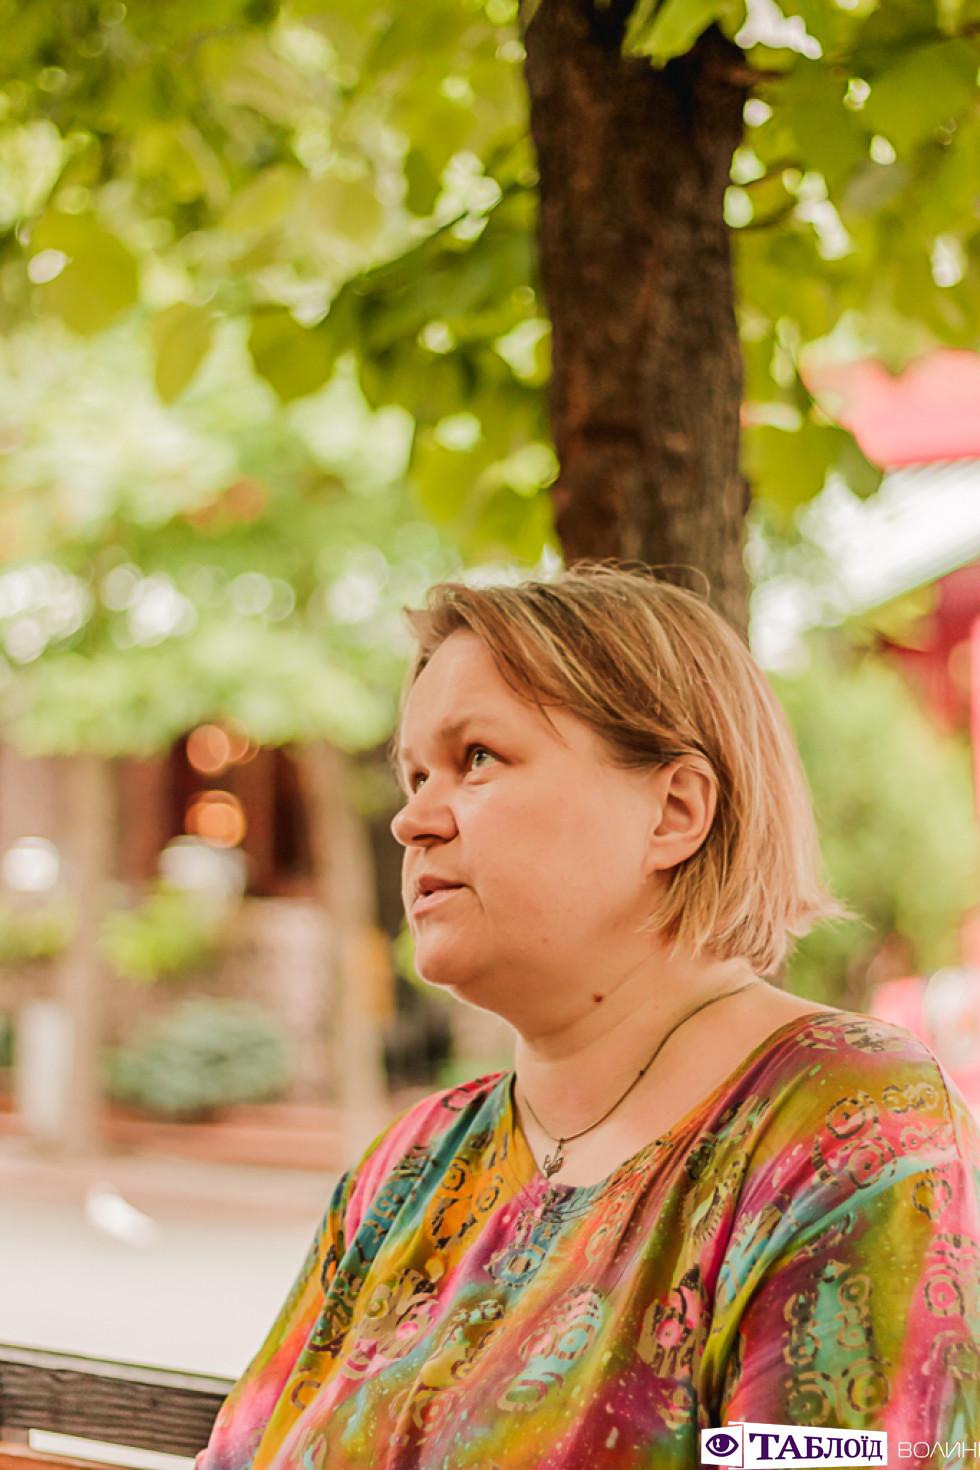 Марія Дмитрієва – гендерна експертка, феміністка, засновниця спільнот «ФемУА», «Сексизм і мізогінія», «Фемпідтримка», «По своє».